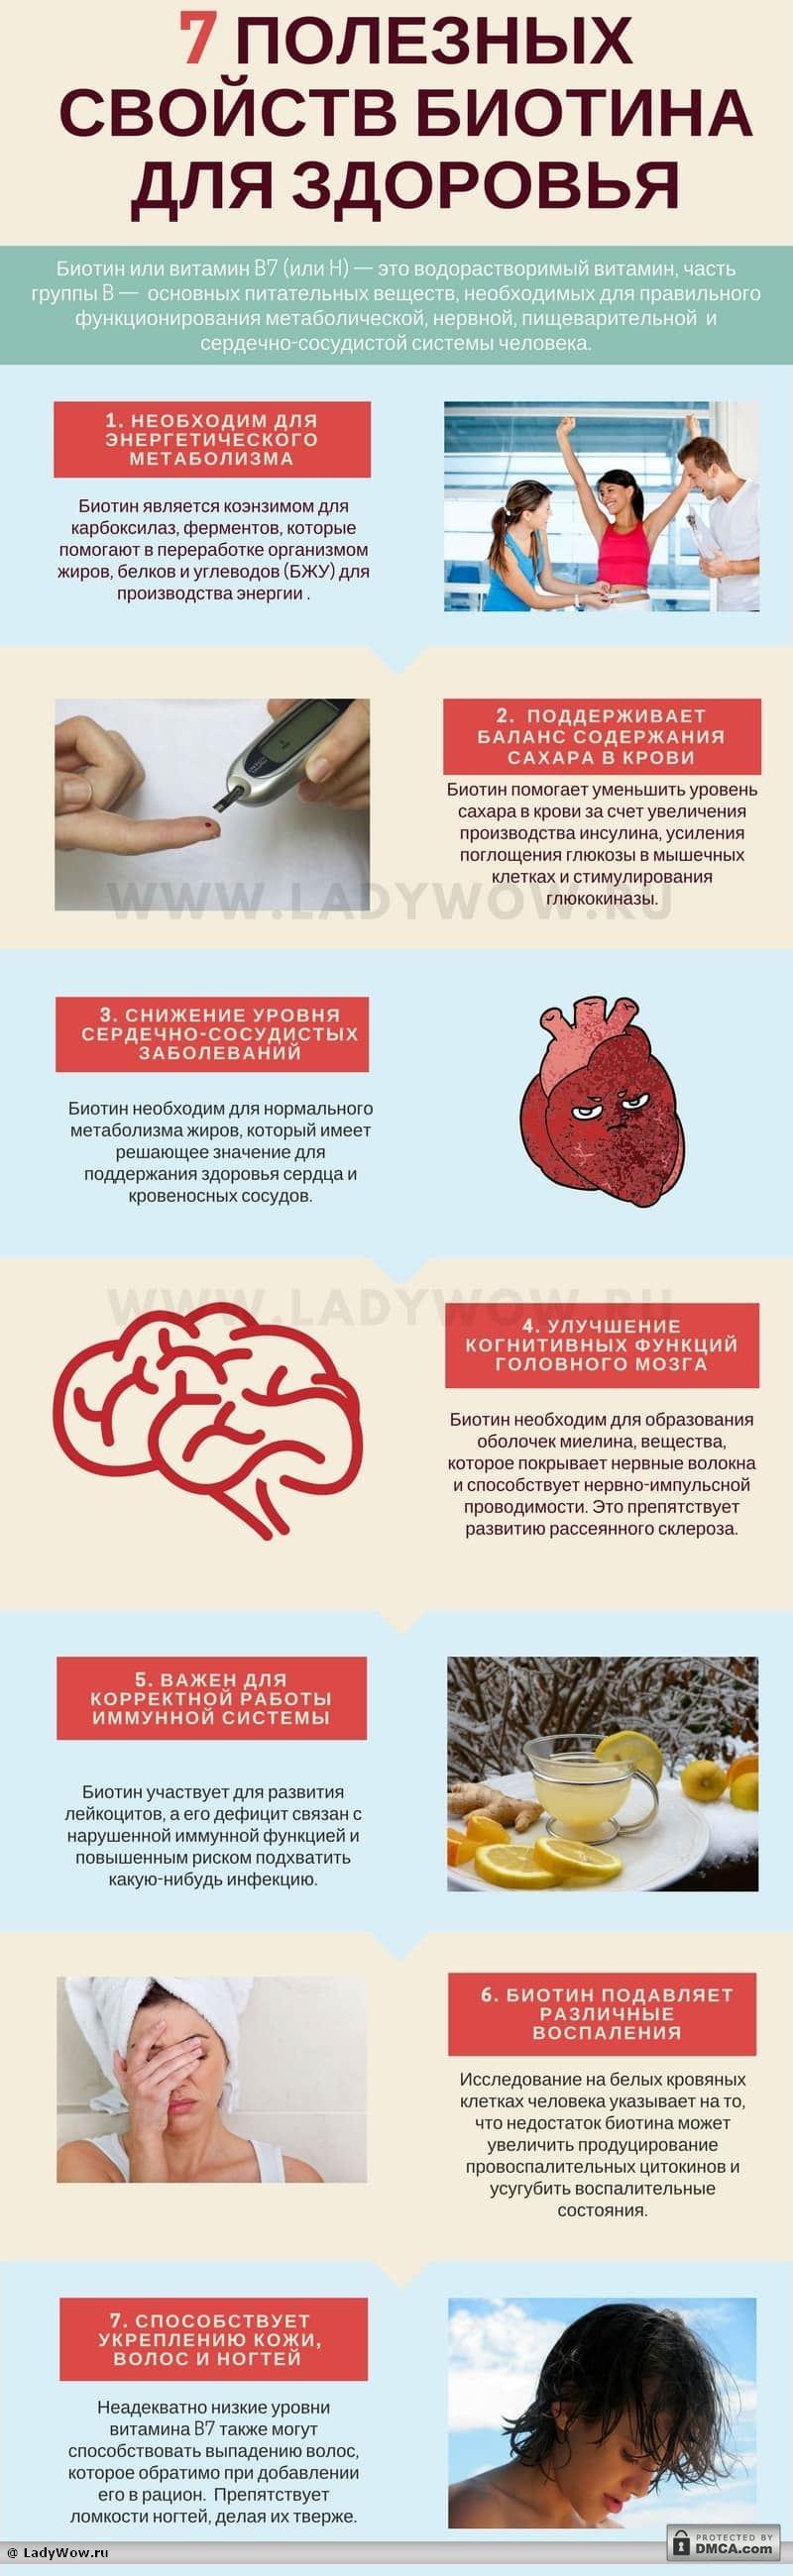 Инфографика: 7 полезных свойств биотина для здоровья